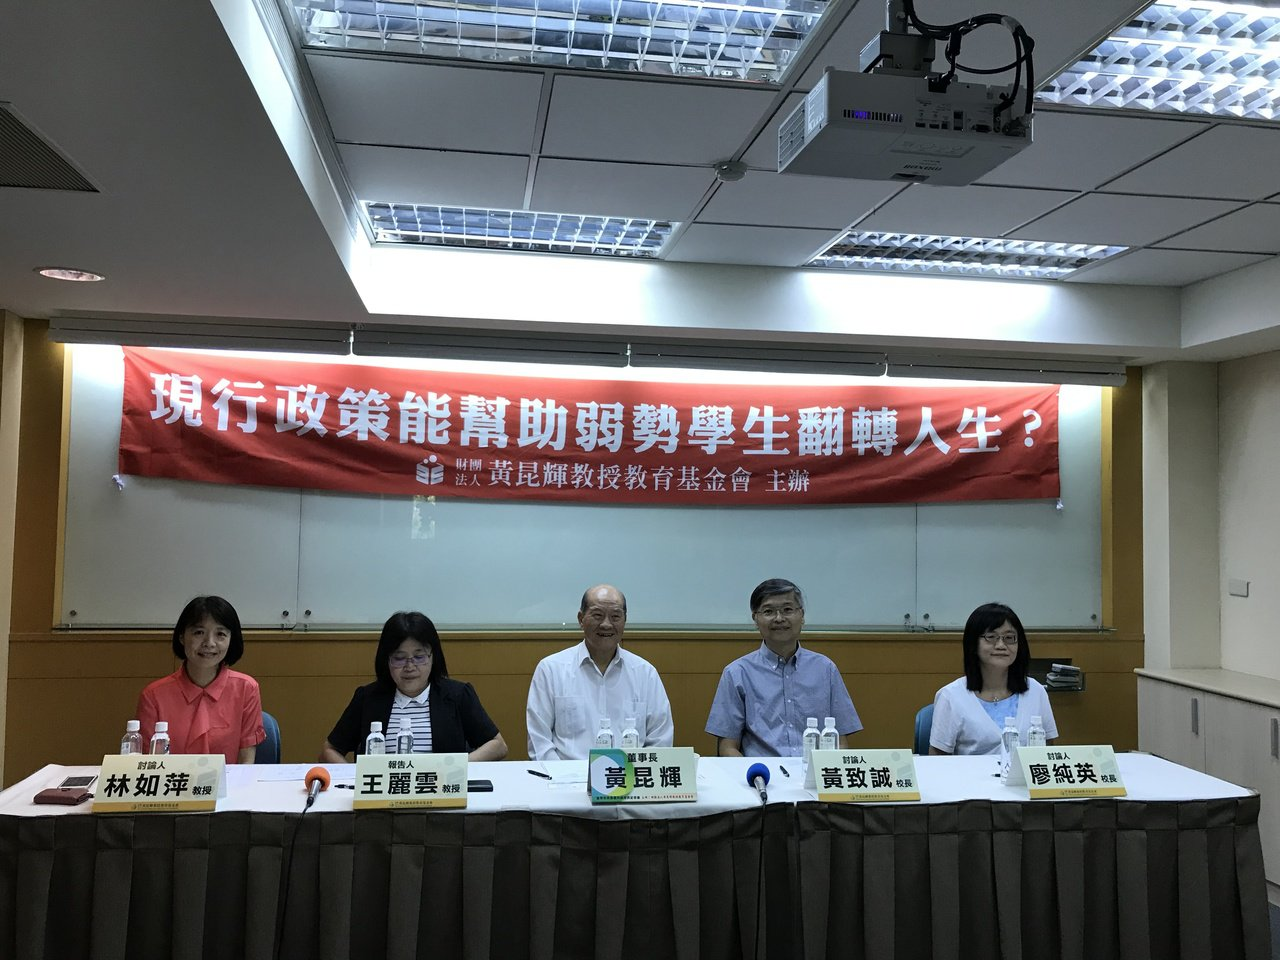 黃昆輝教授教育基金會今天舉辦「現行政策能幫助弱勢生翻轉人生嗎?」座談會與記者會。...